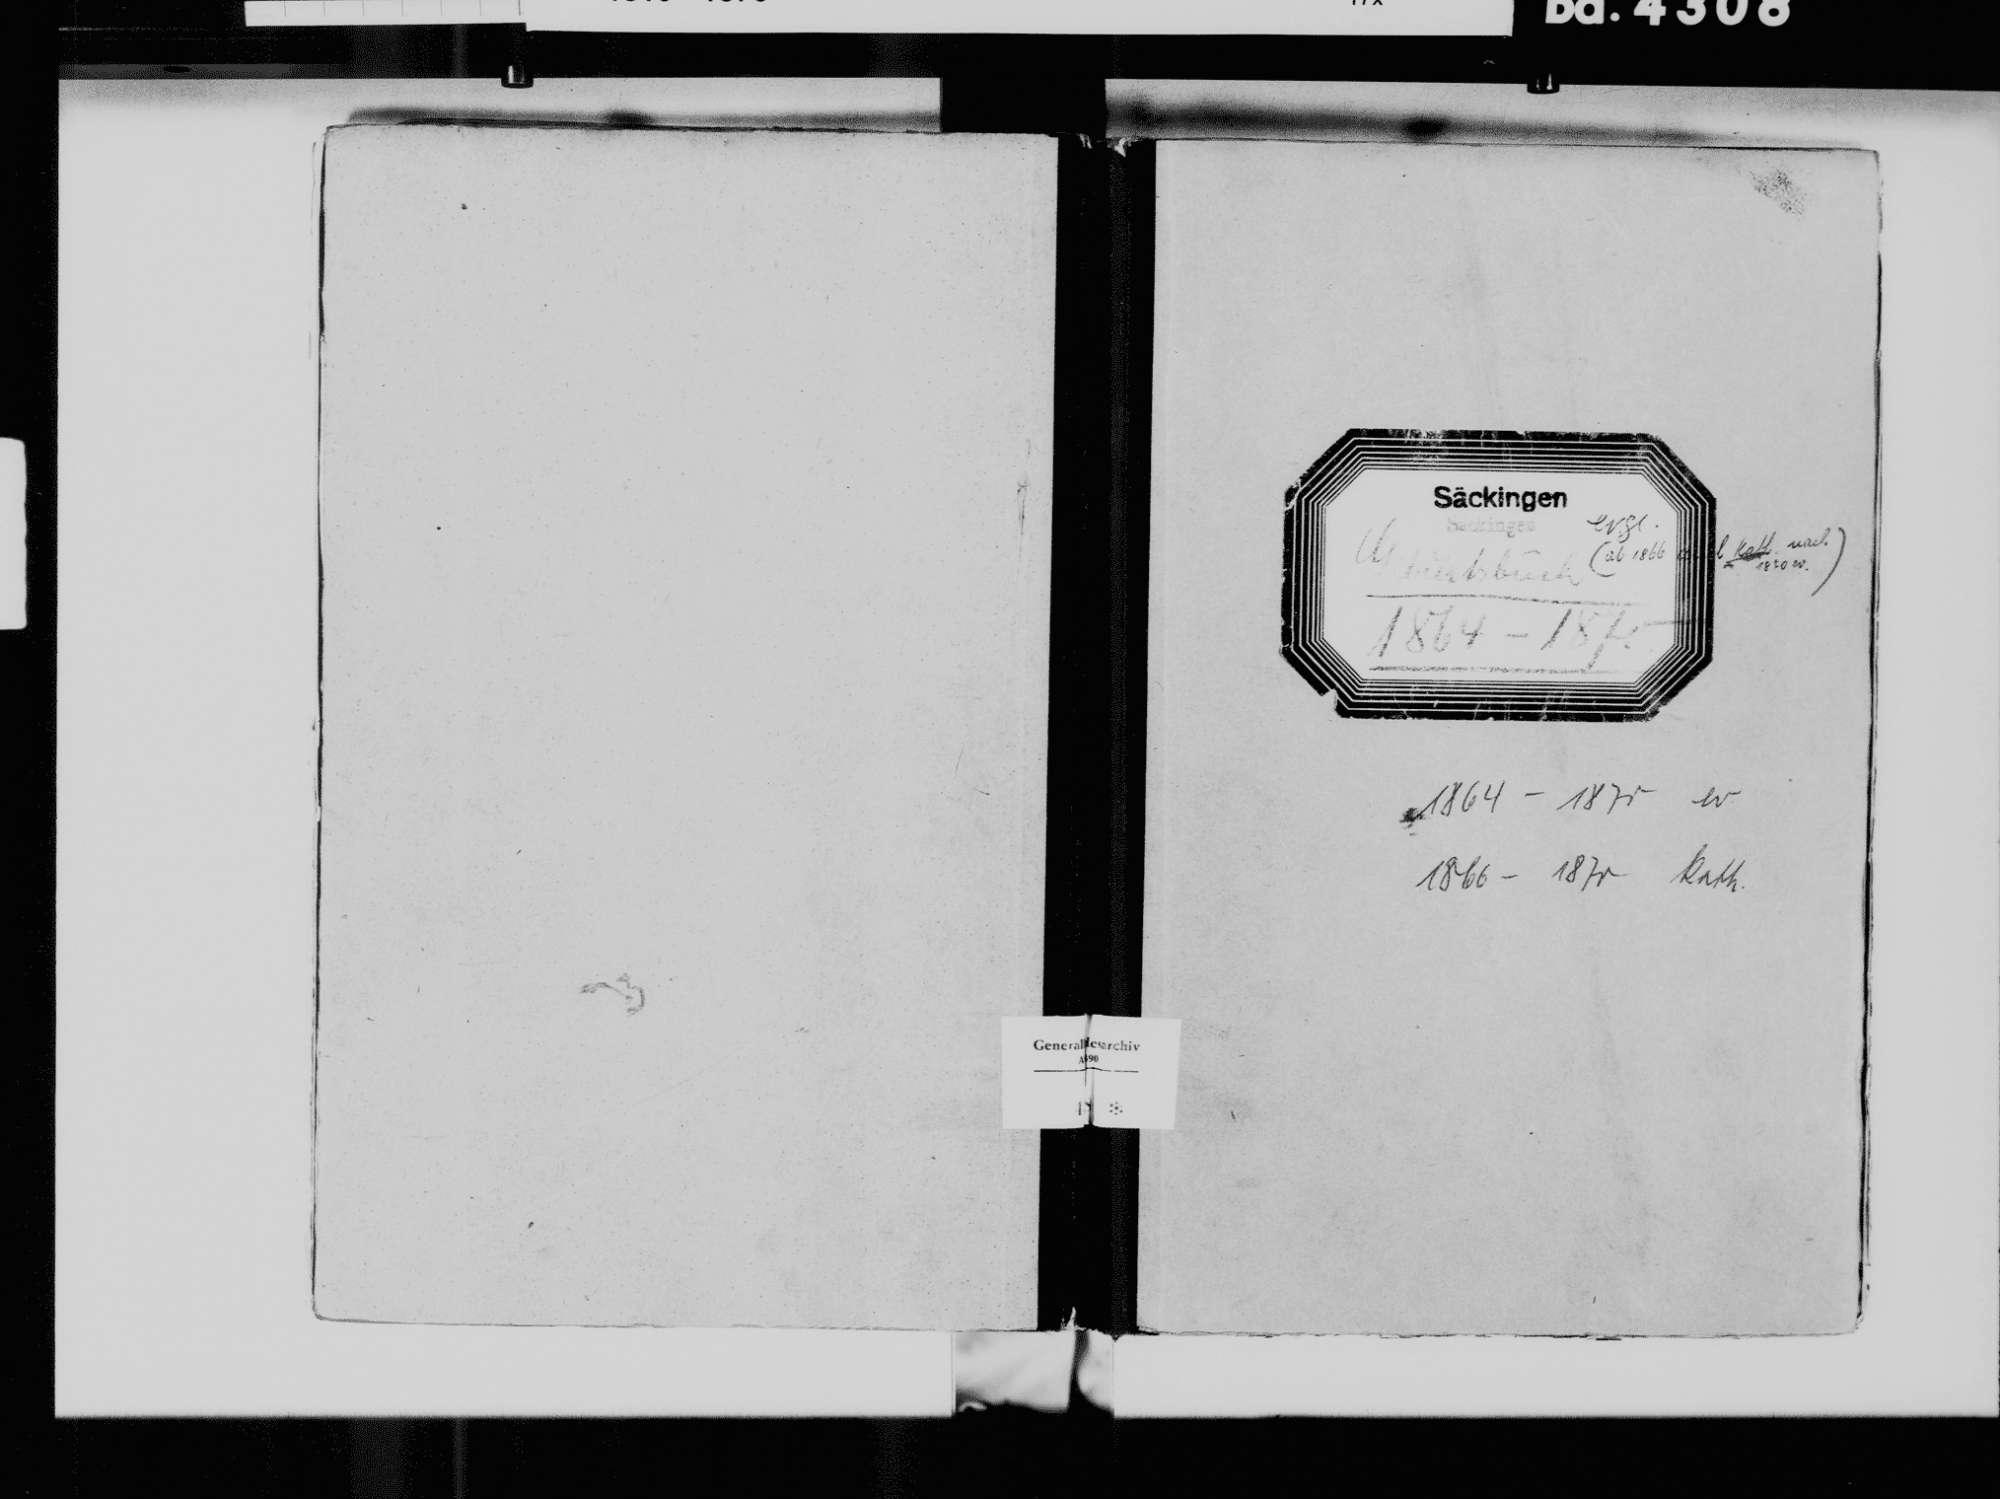 Säckingen, Bad Säckingen WT; Evangelische Gemeinde: Geburtenbuch 1864-1870 Säckingen, Bad Säckingen WT; Katholische Gemeinde: Geburtenbuch 1866-1870, Bild 2